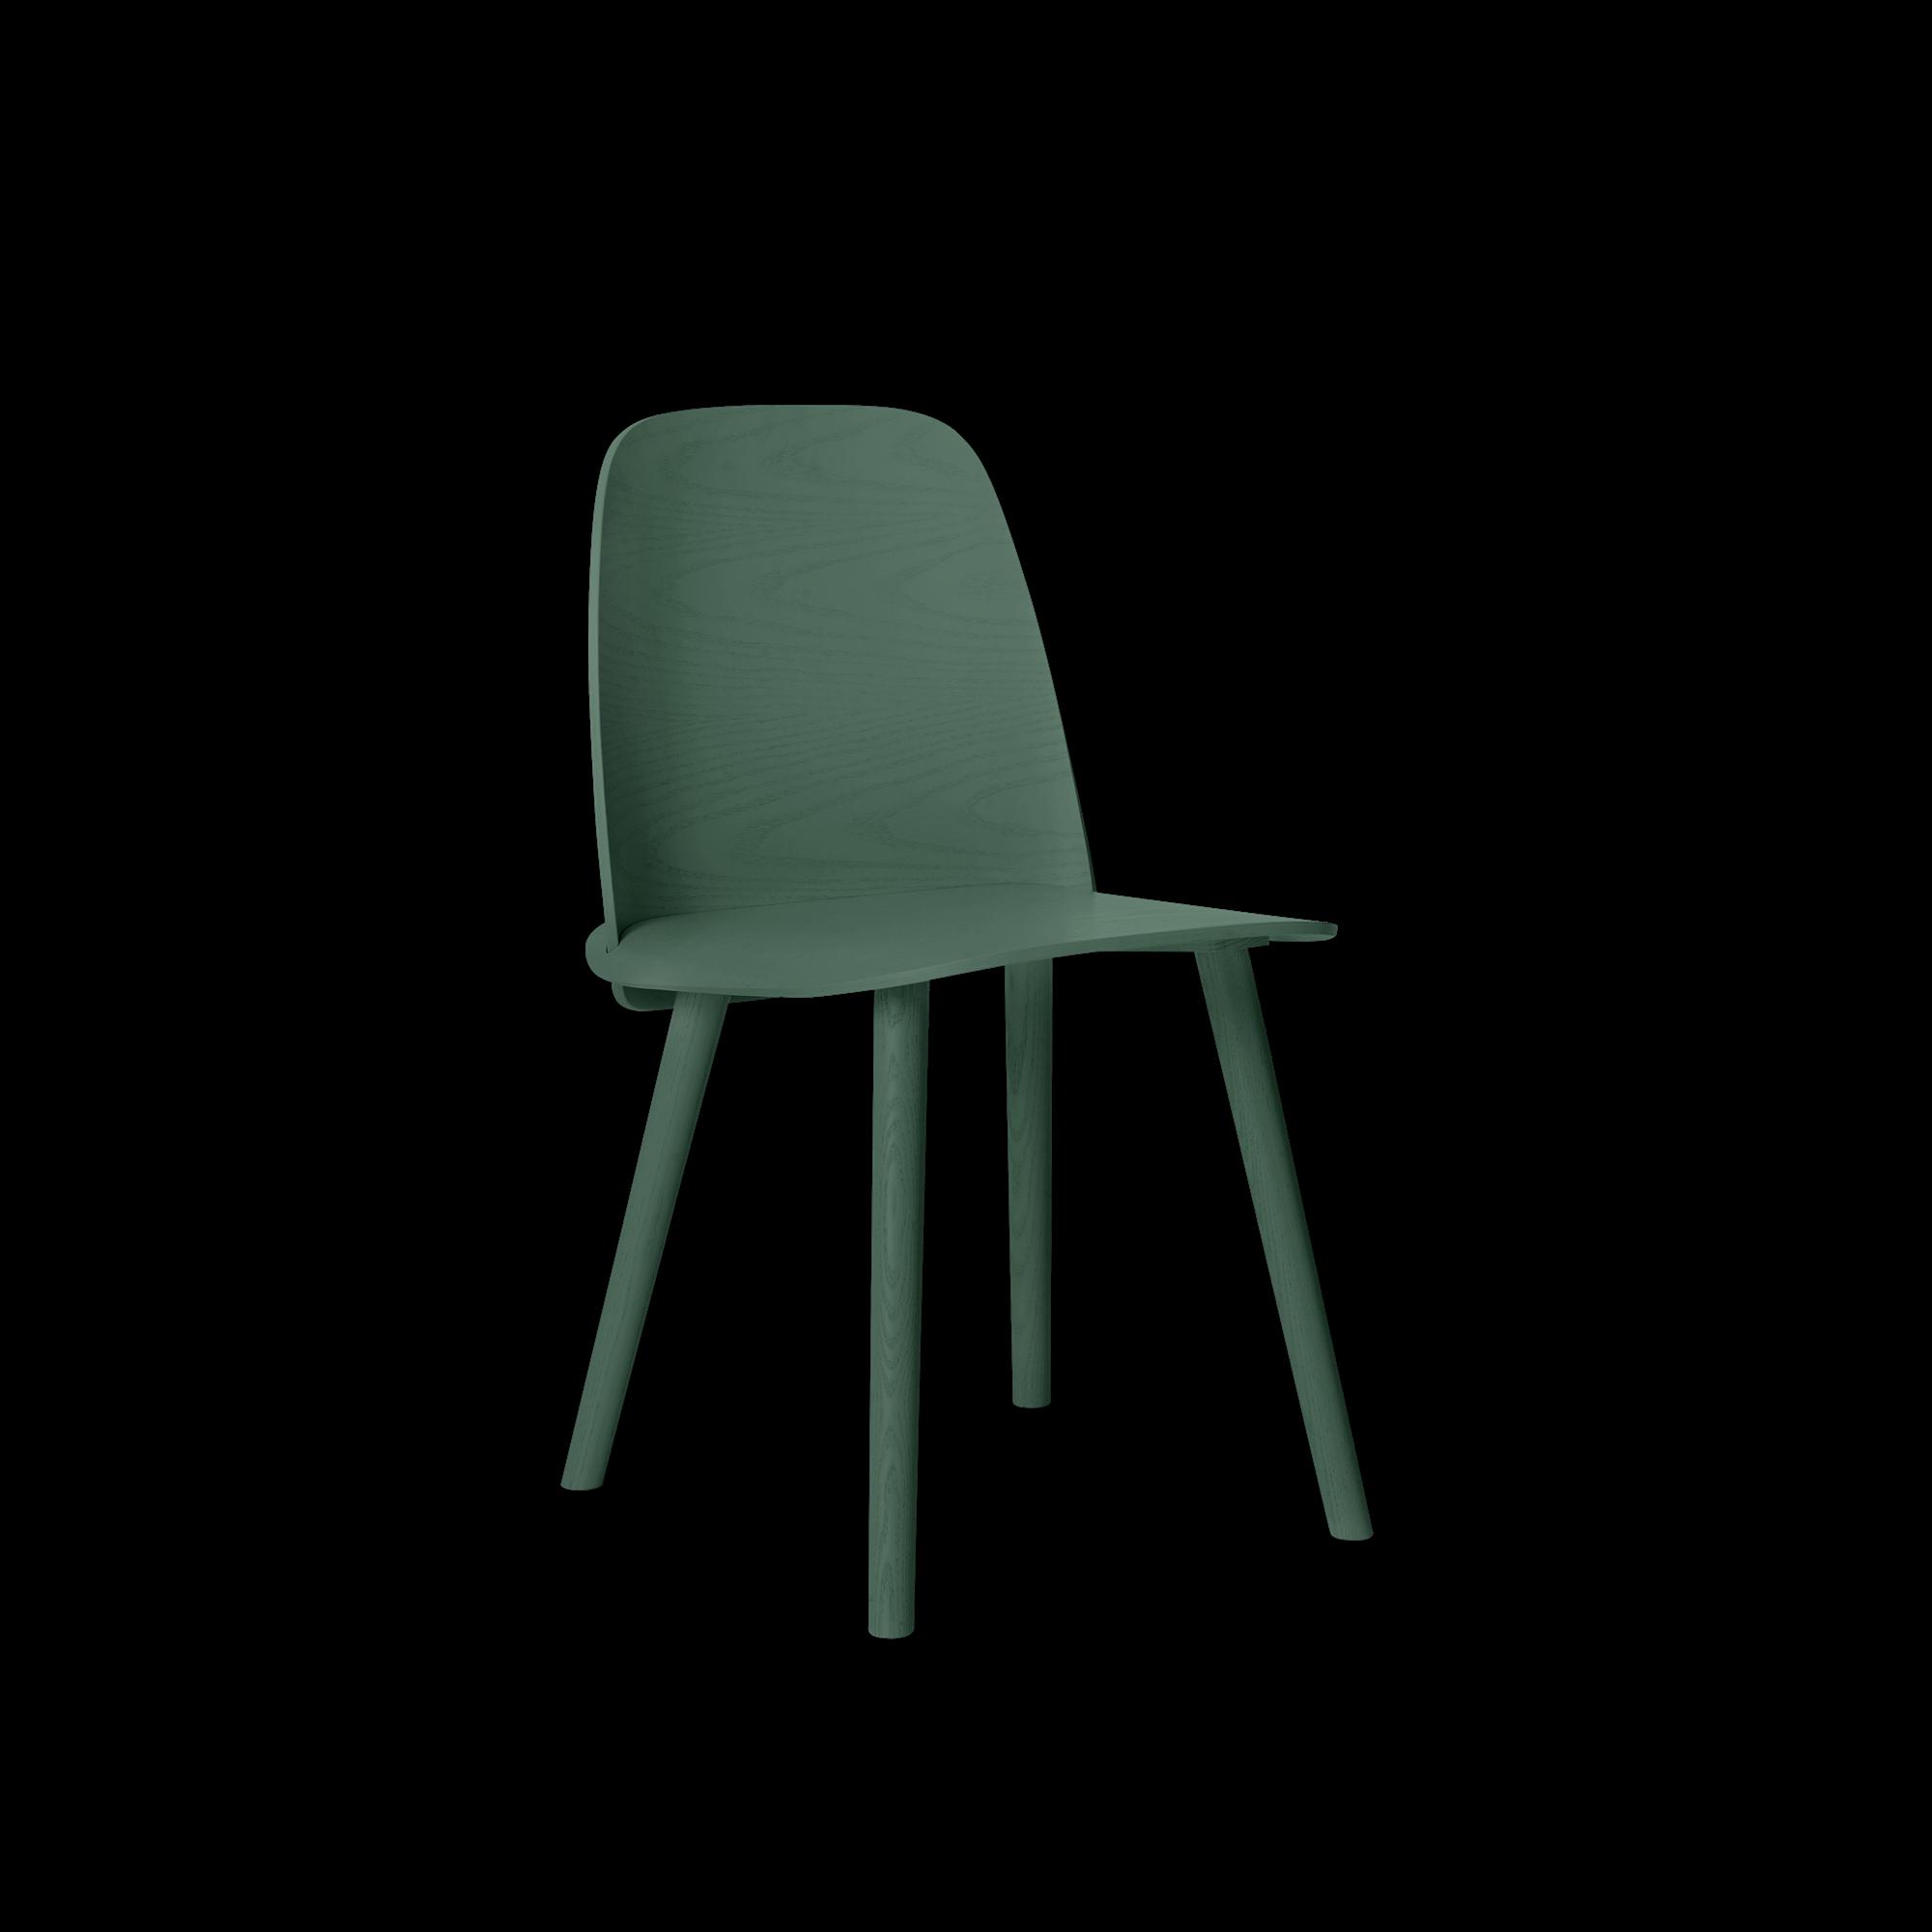 21404-nerd-chair-green-1502286861-7319096.png